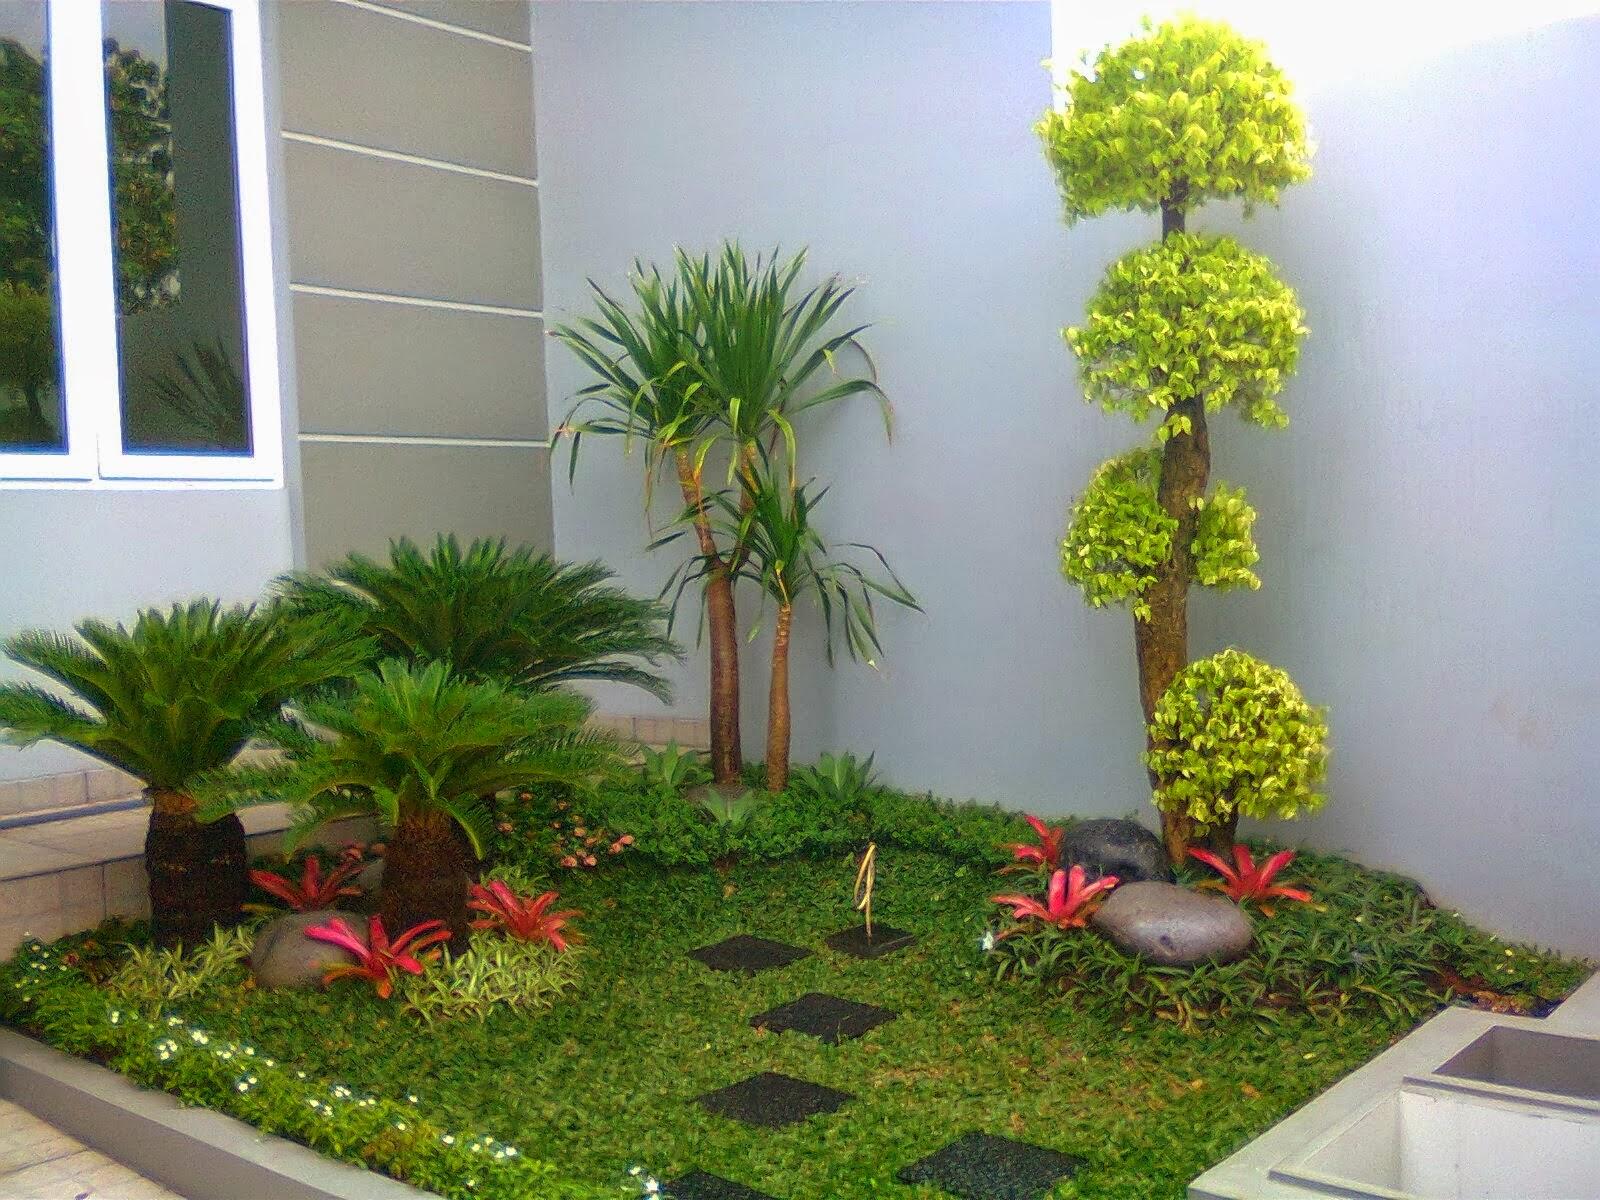 Membuat Taman Minimalis Di Rumah Sendiri Seni Dekorasi Taman